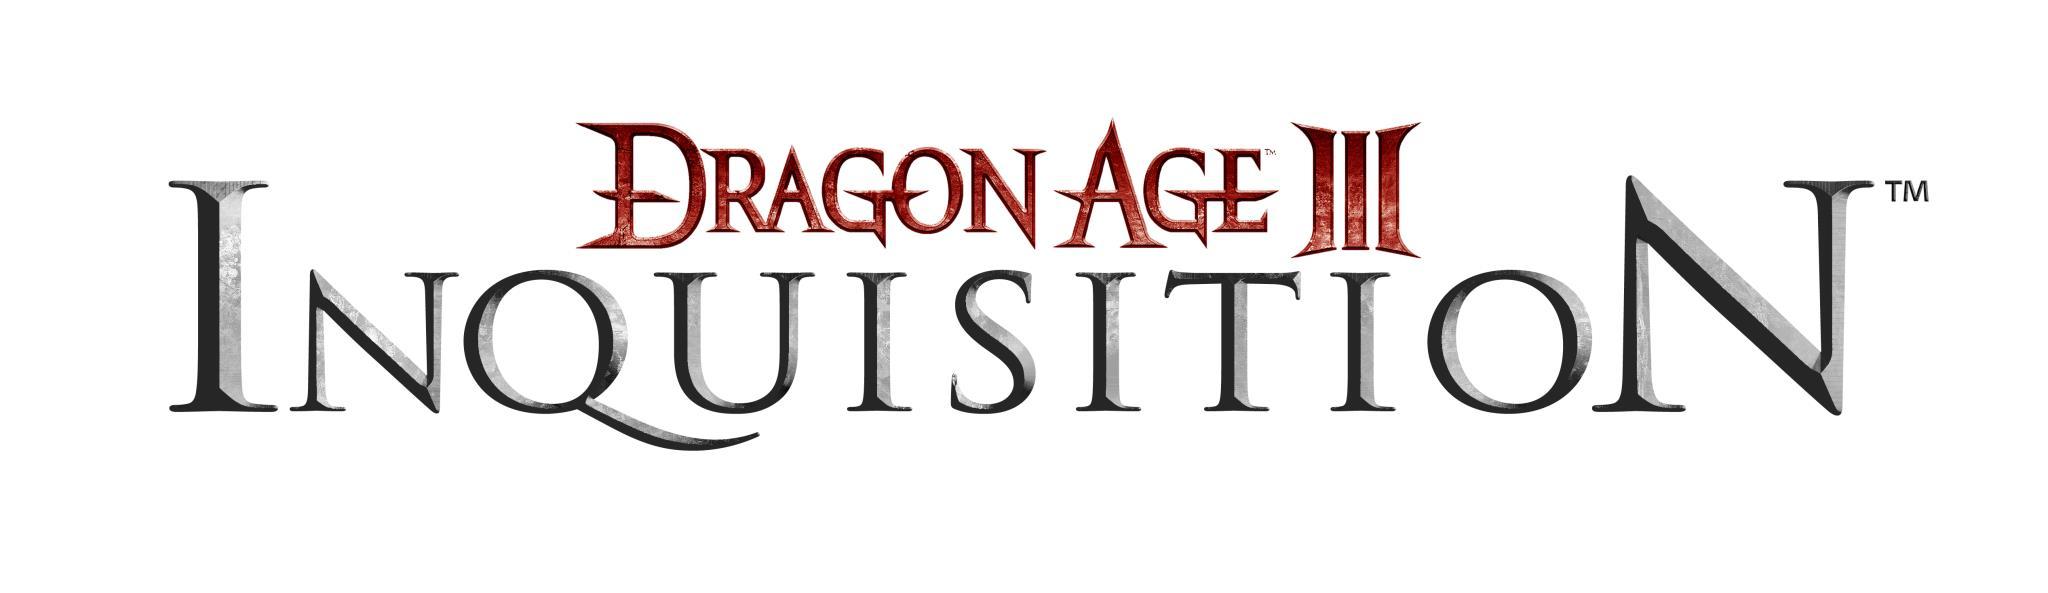 Первые скриншоты PC-версии и системные требования Dragon Age: Inquisition - Изображение 1